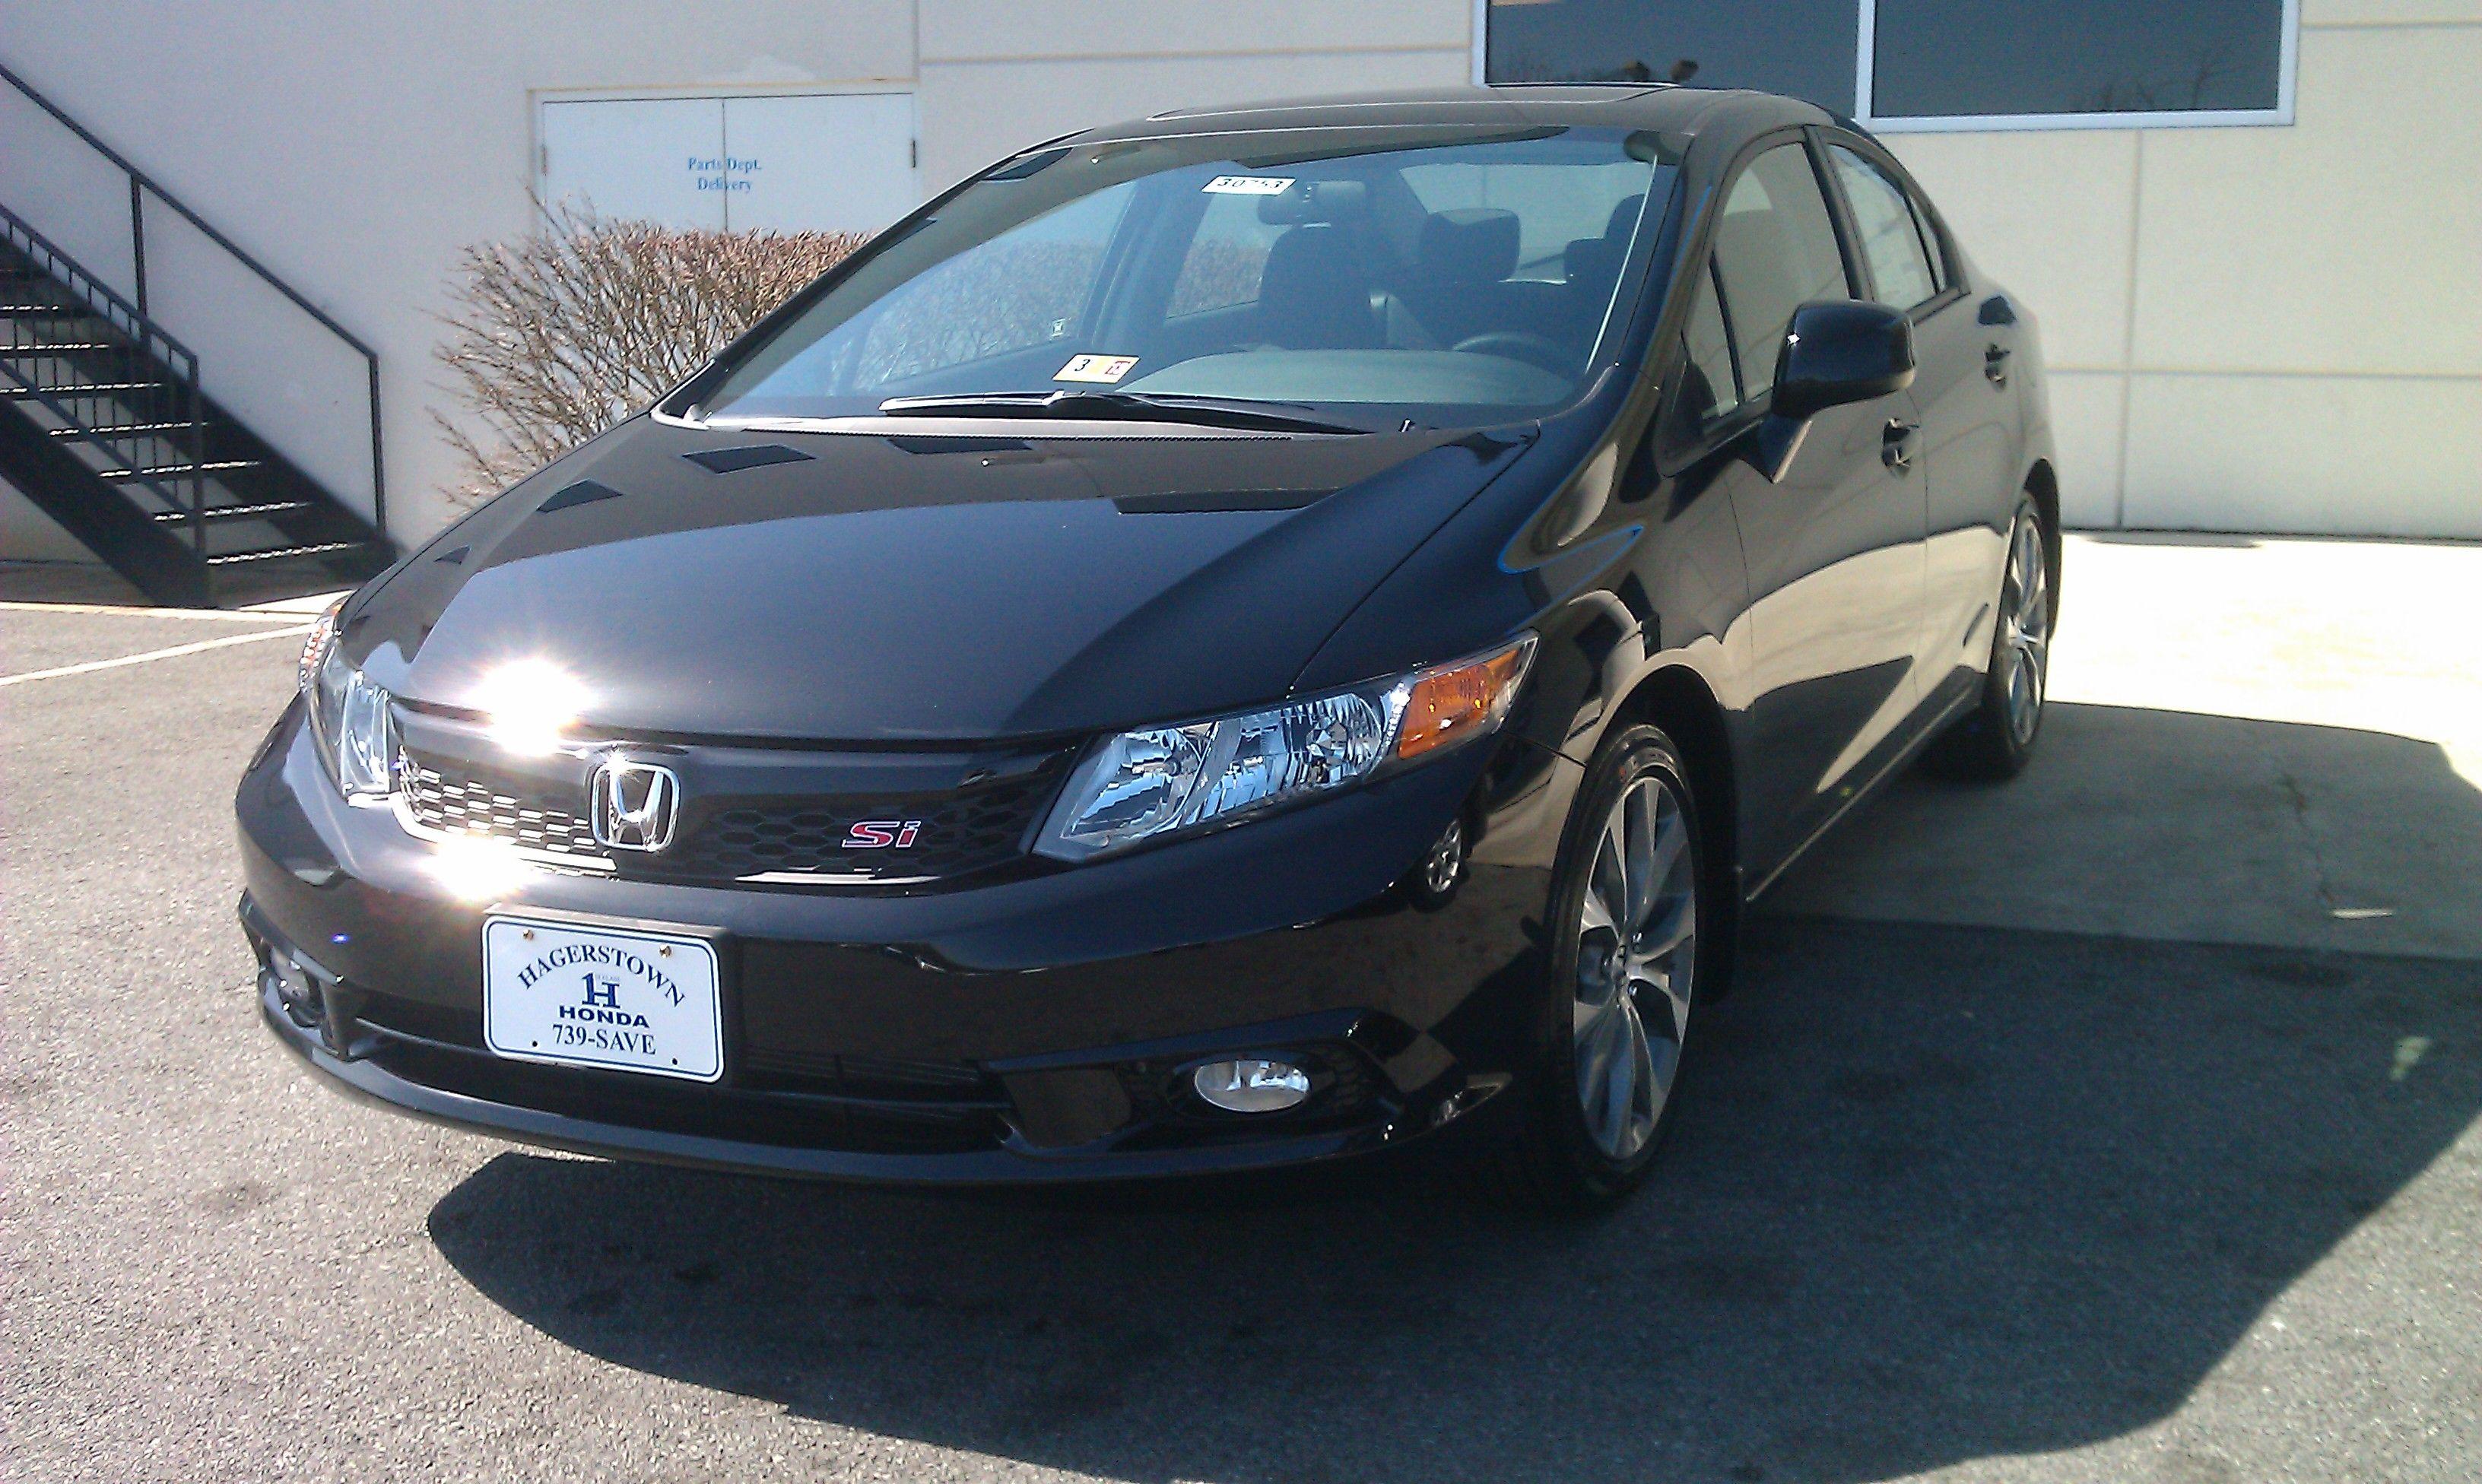 2012 Honda Civic Si In Black Honda Civic Si Civic Sedan Honda Civic Sedan